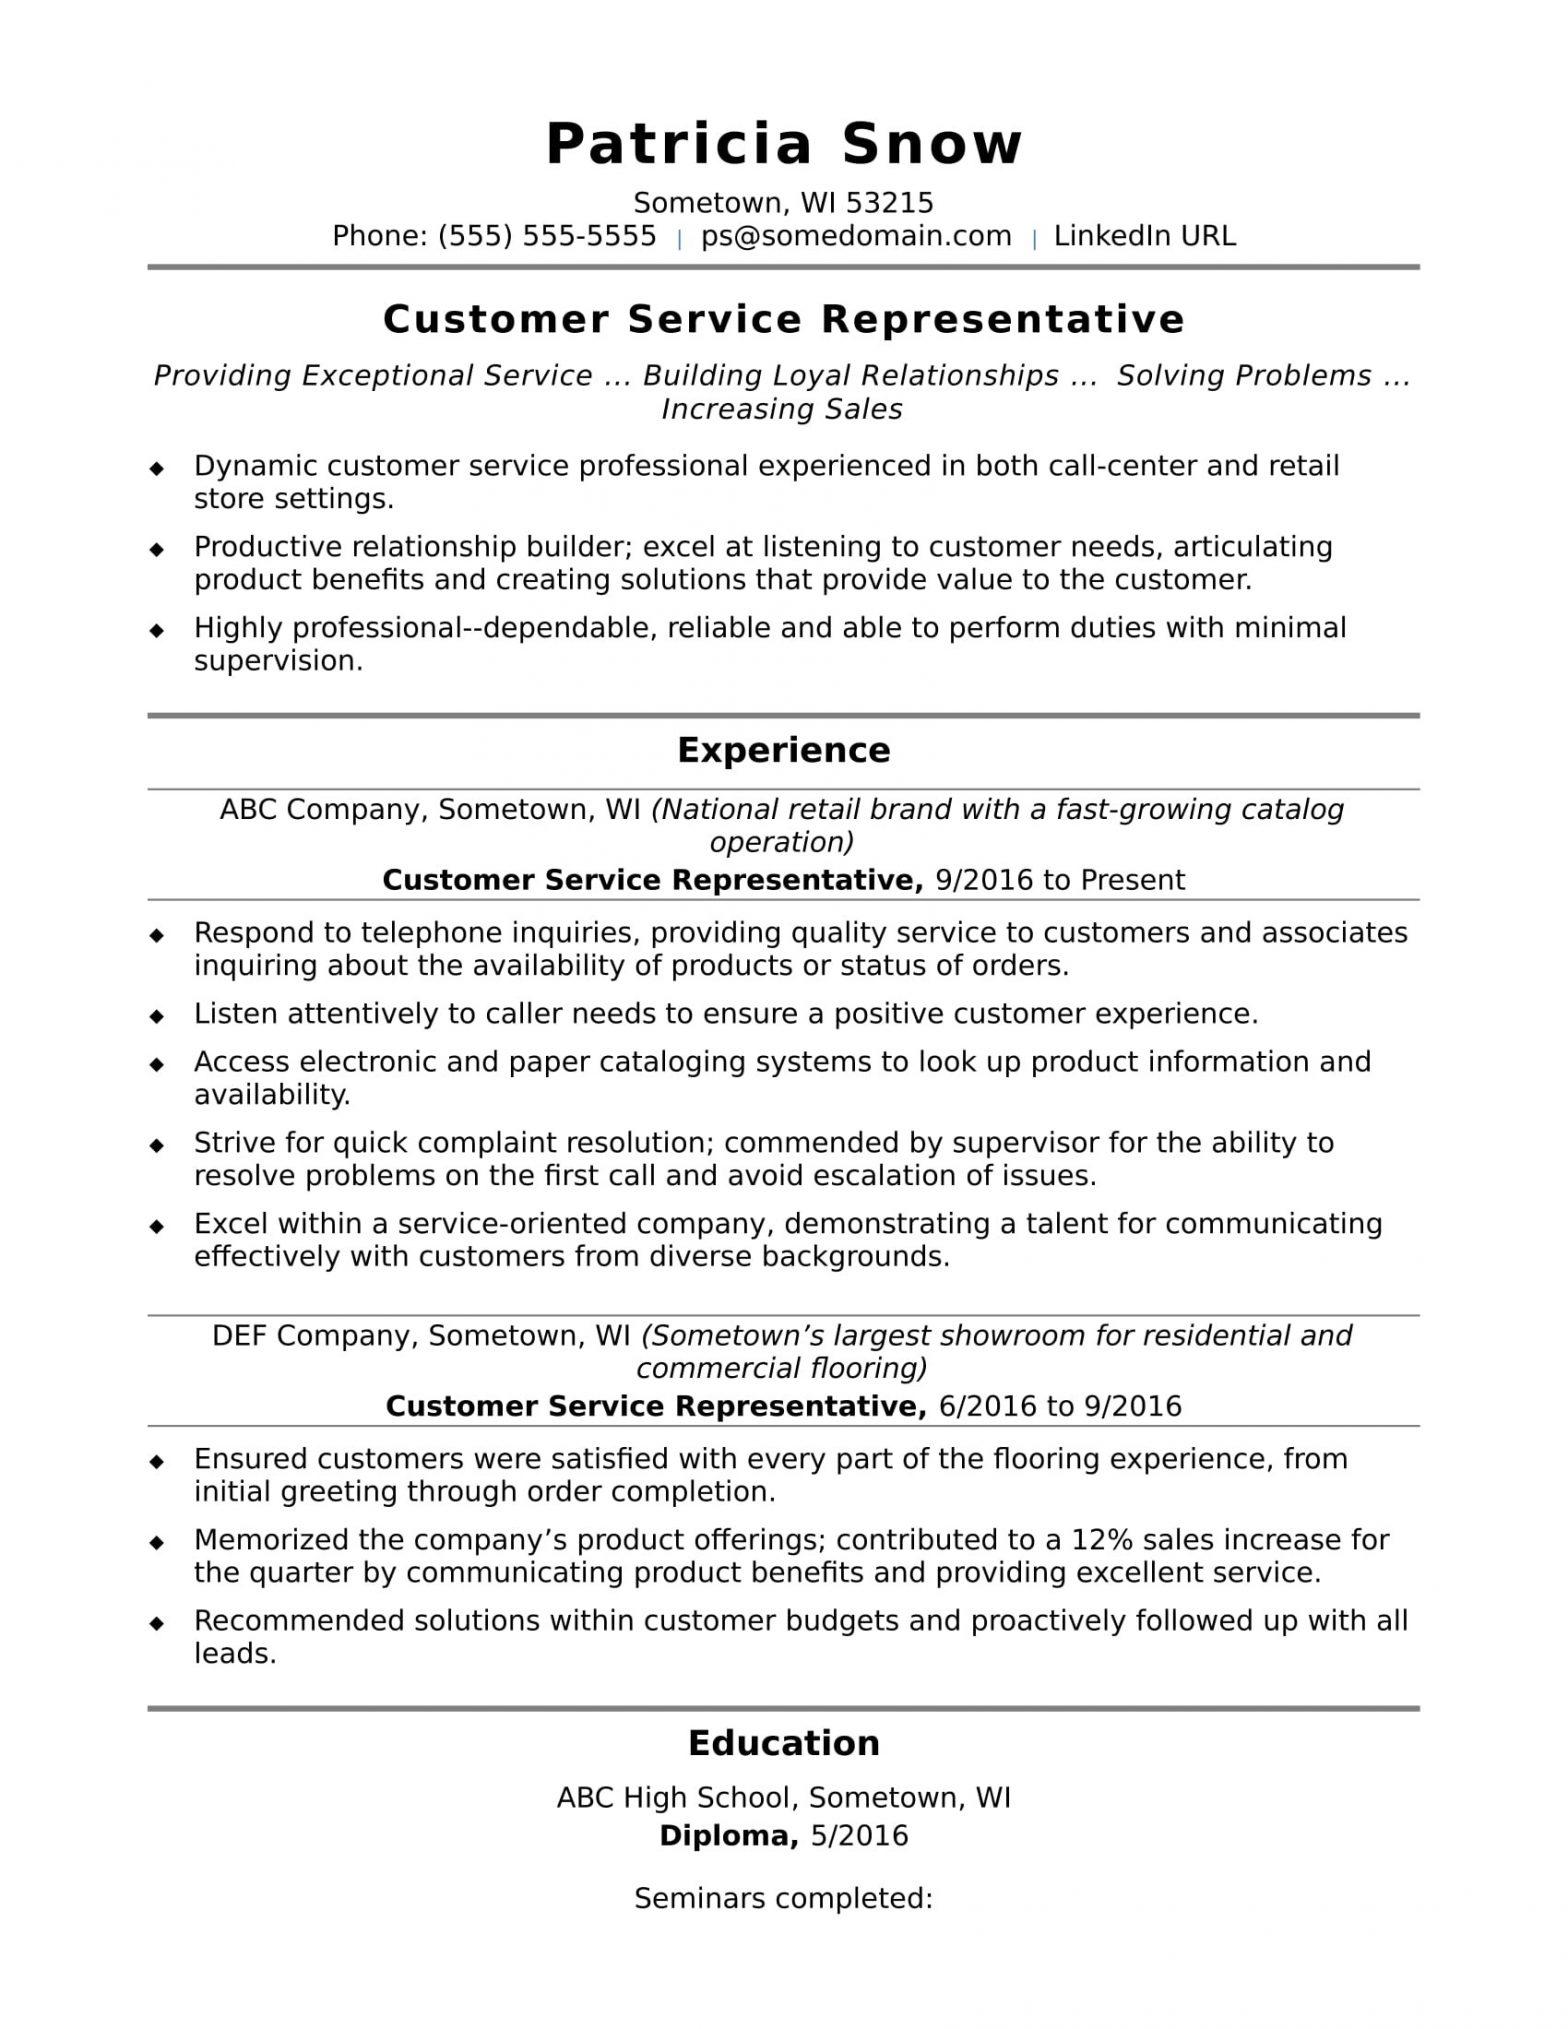 Free Sample Resume for Customer Service Representative Customer Service Representative Resume Sample Monster.com